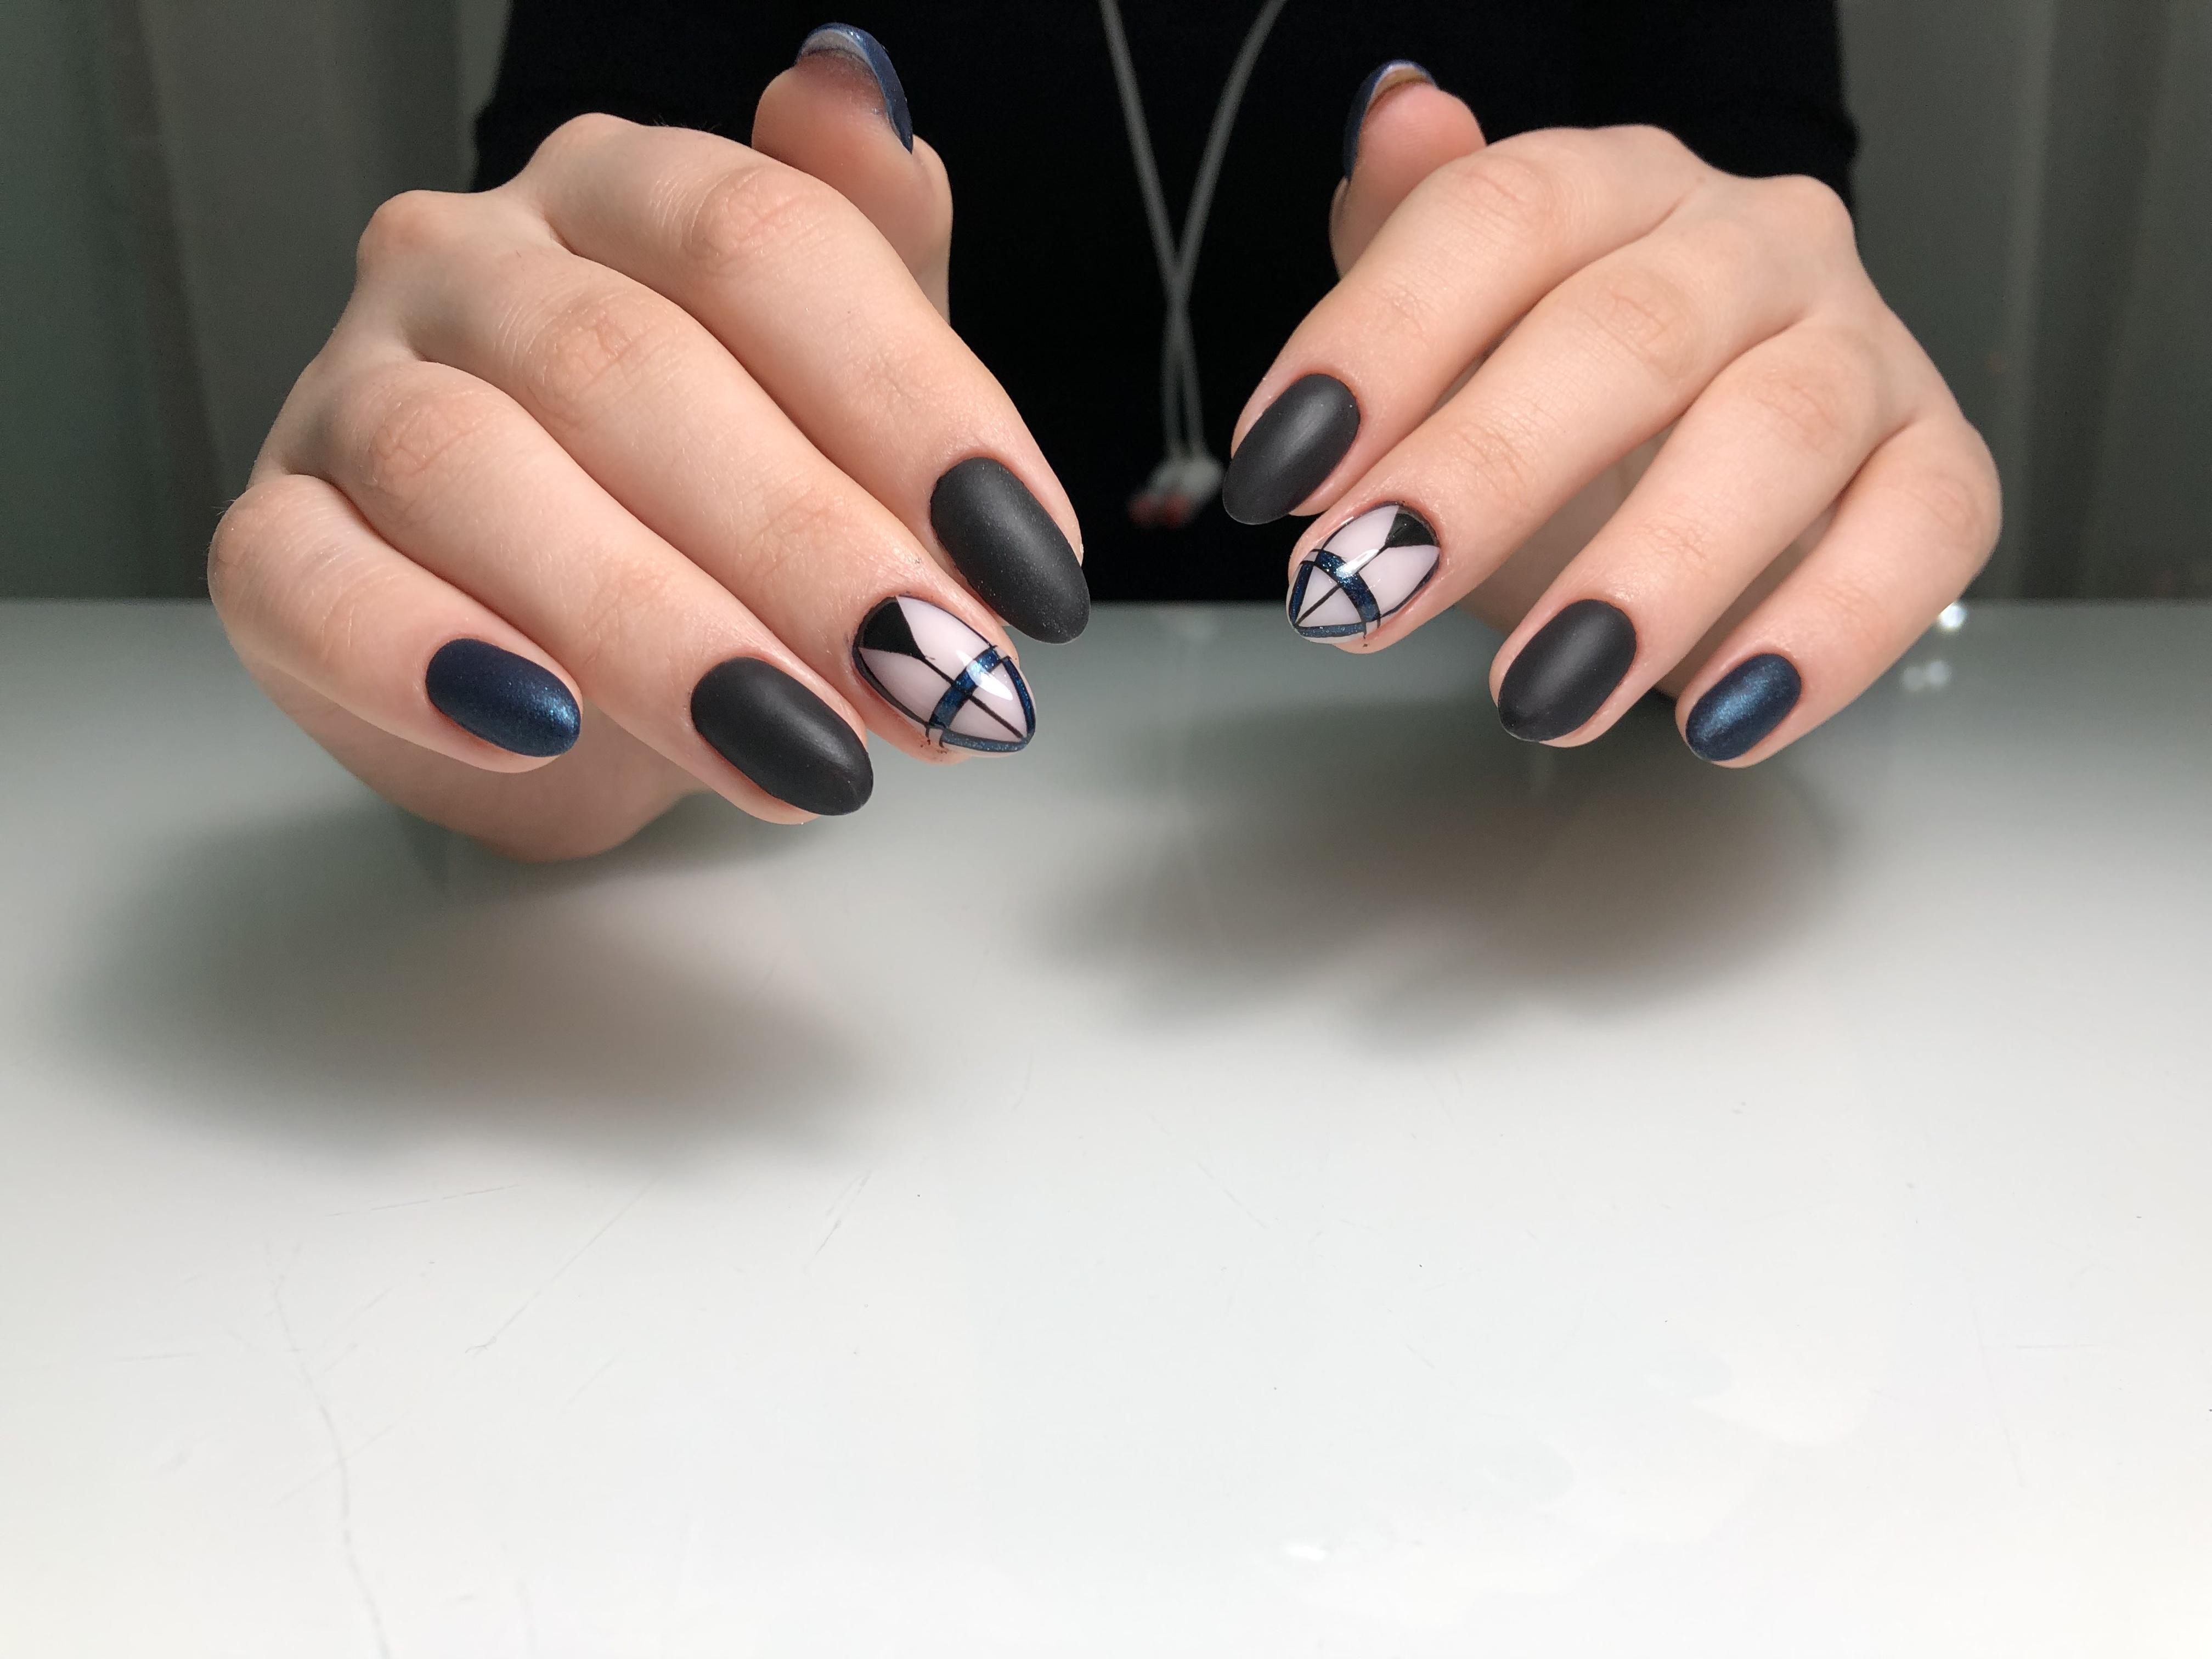 Геометрический матовый маникюр в черном цвете.